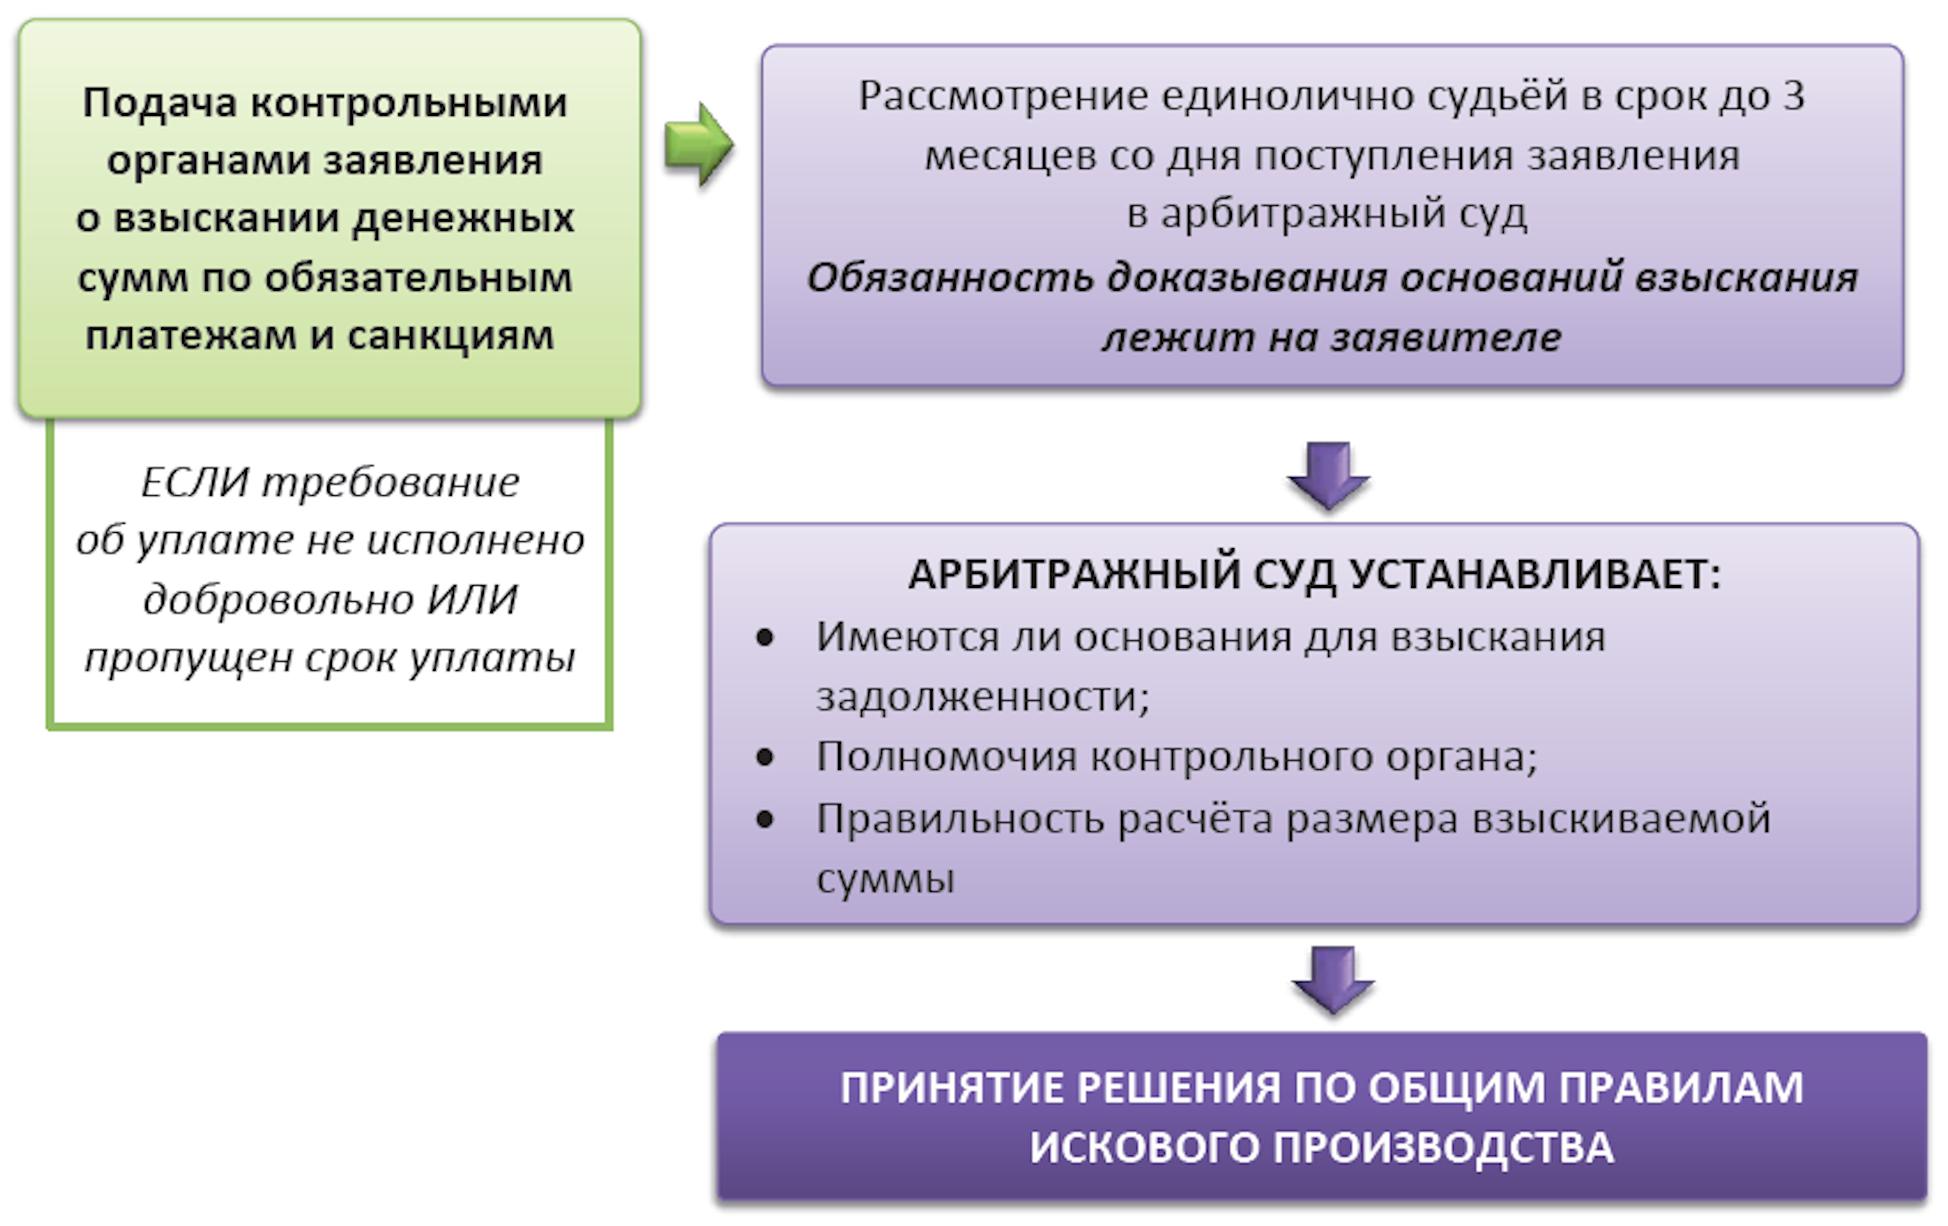 Взыскание обязательных платежей и санкций в арбитражном суде